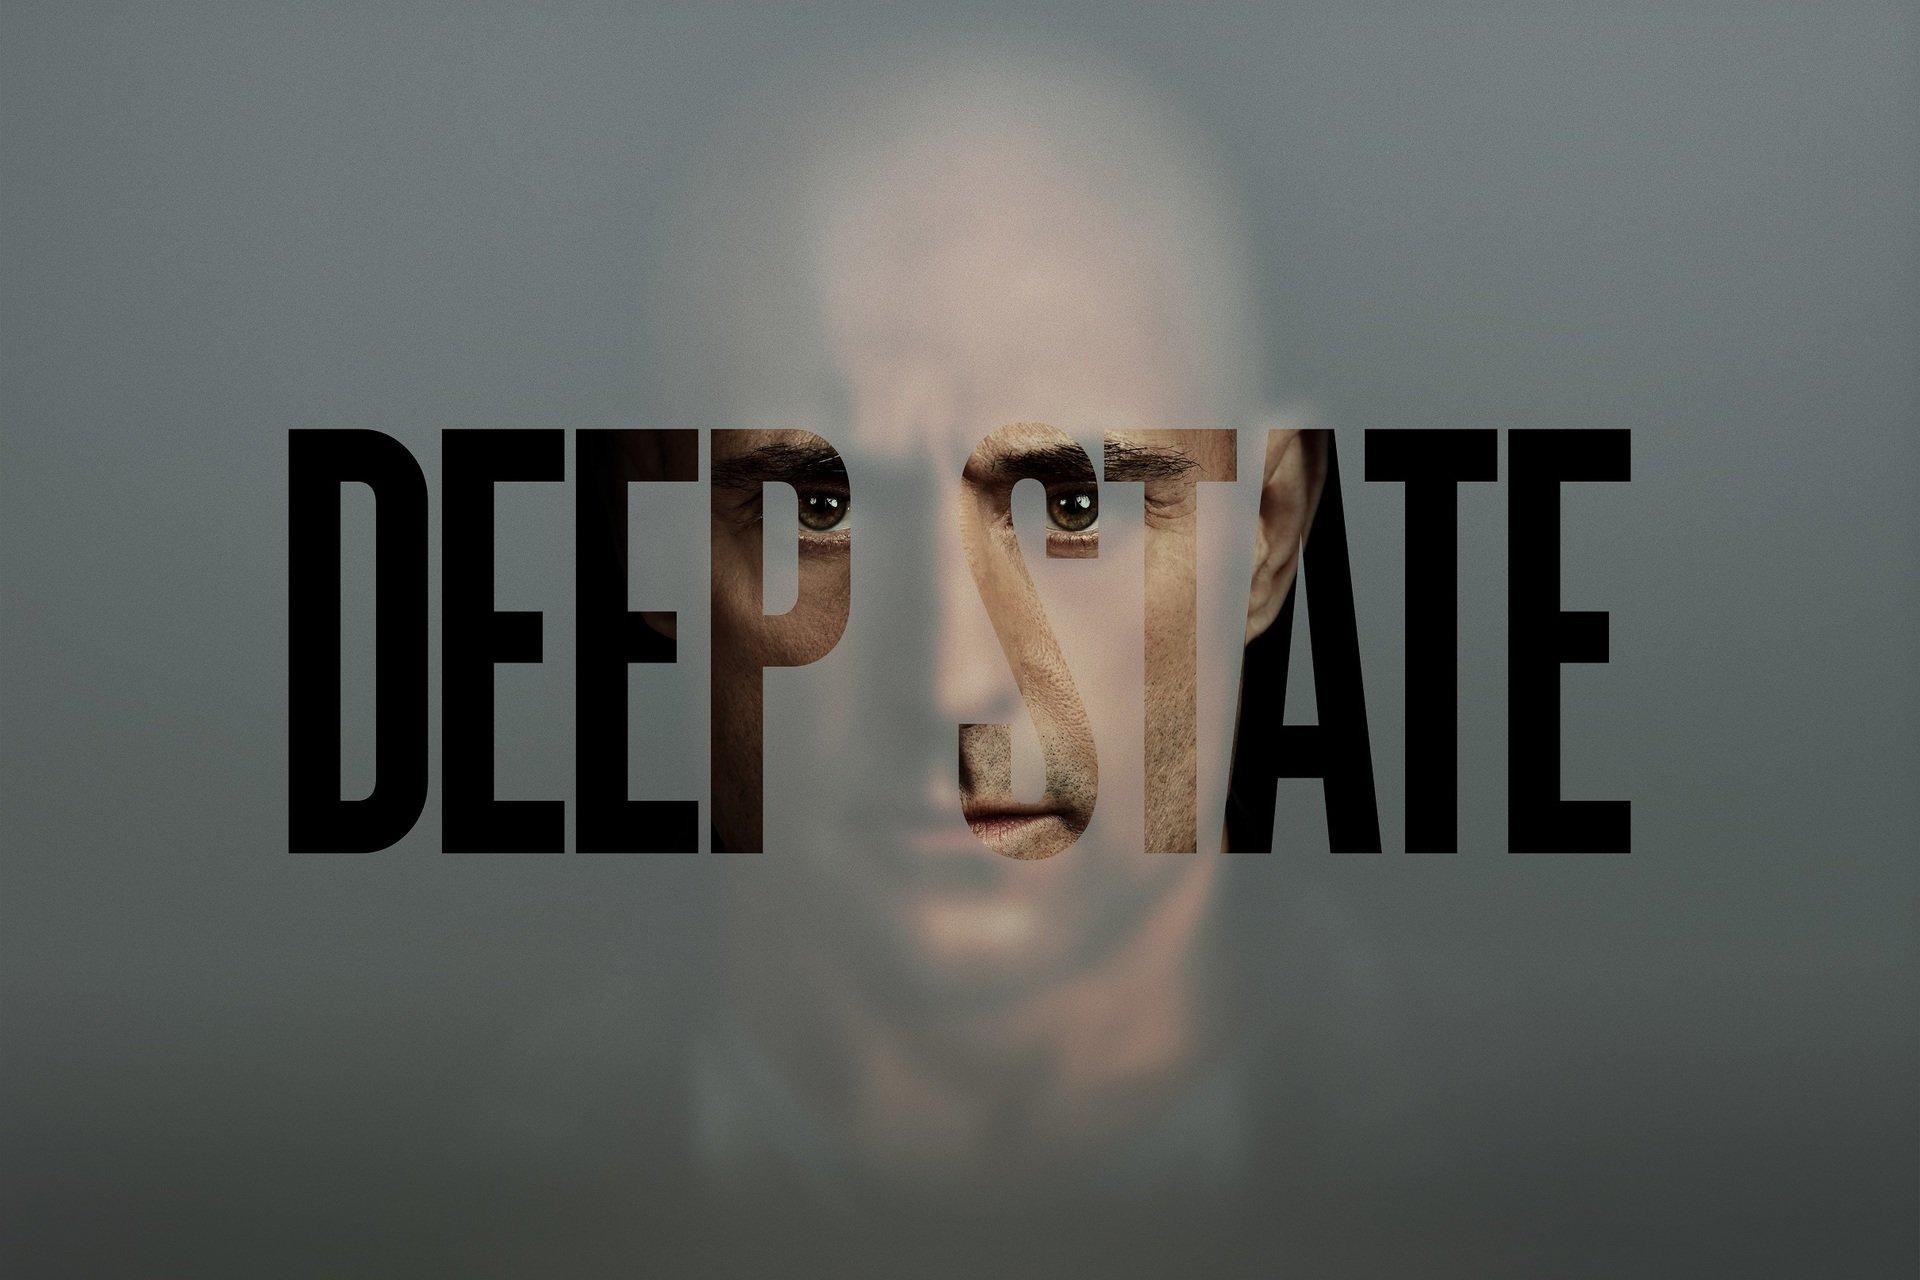 Ciemne strony służb specjalnych! Premiera Deep State już 9 kwietnia tylko na FOX!